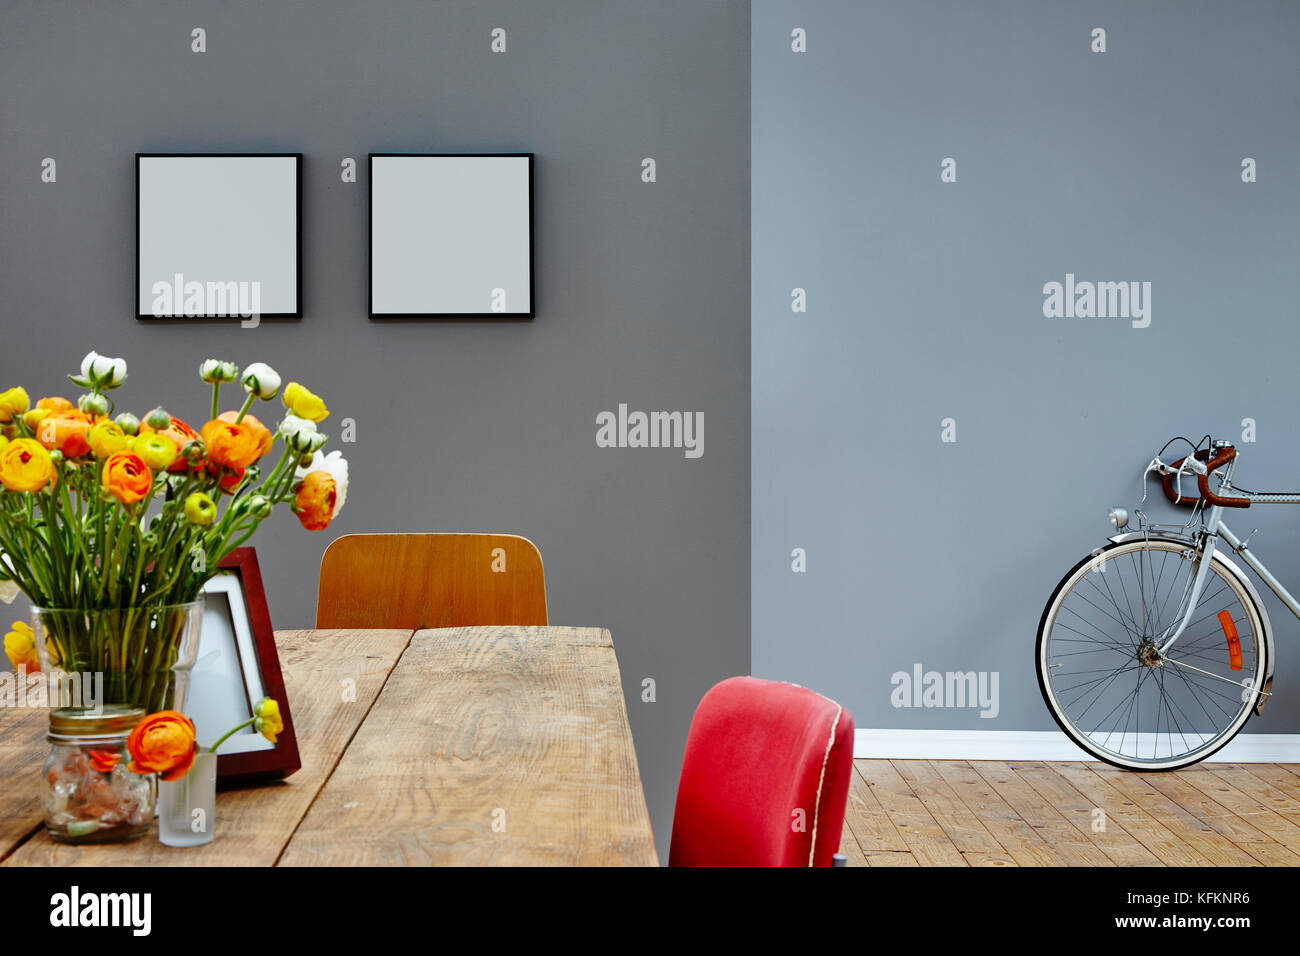 Esszimmer Vintage | Wohn Und Esszimmer Vintage Innere Tabelle Und Bike Stockfoto Bild